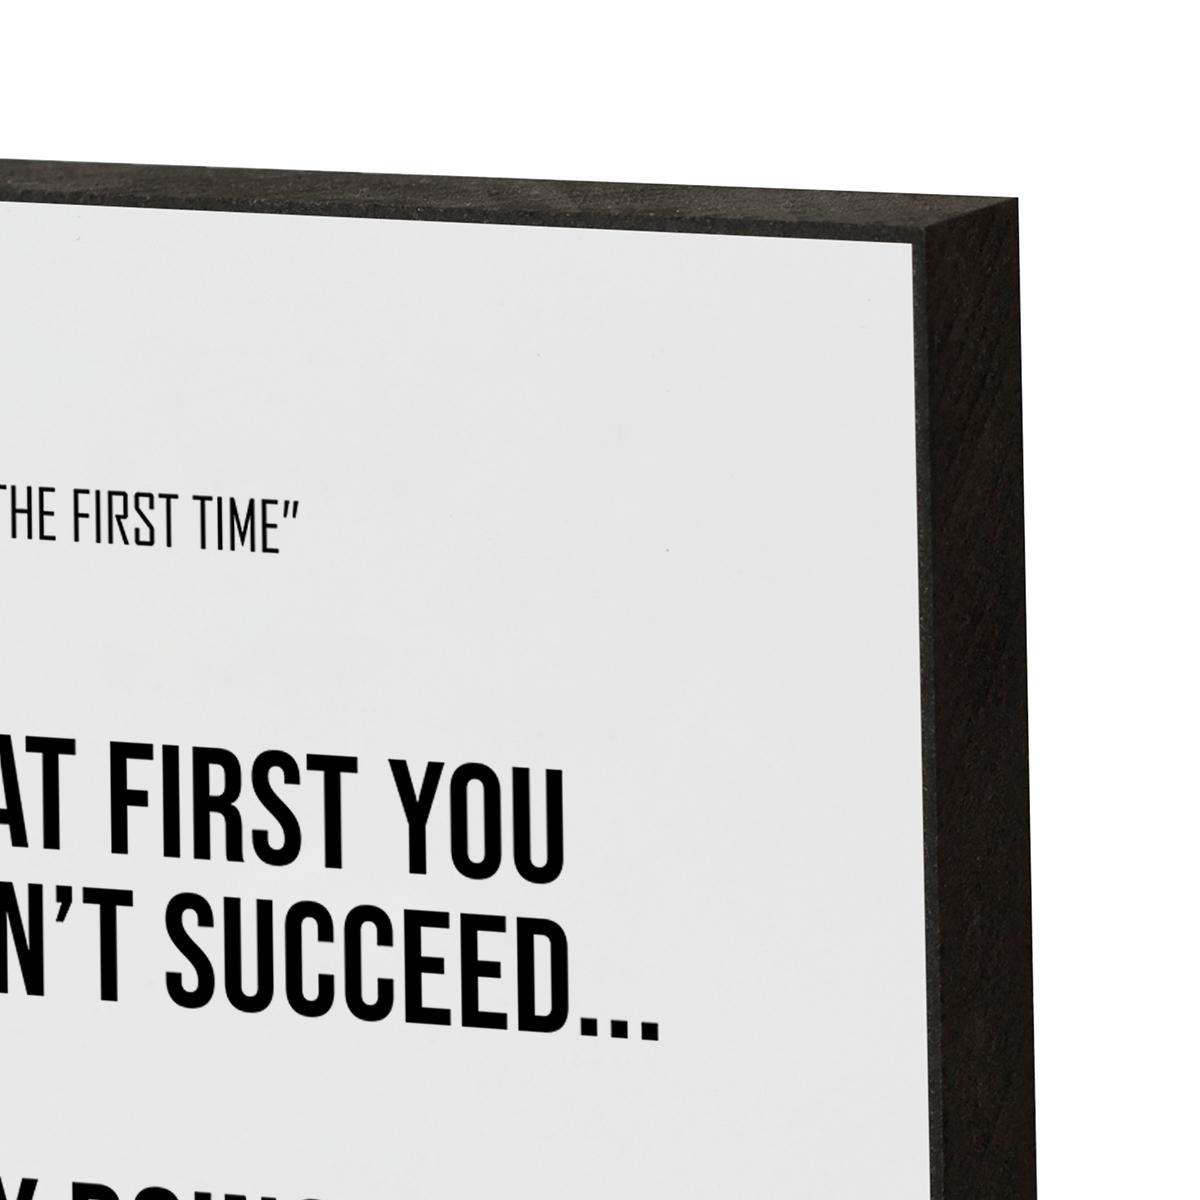 første_succes_inspirerende_citater_motion_træning